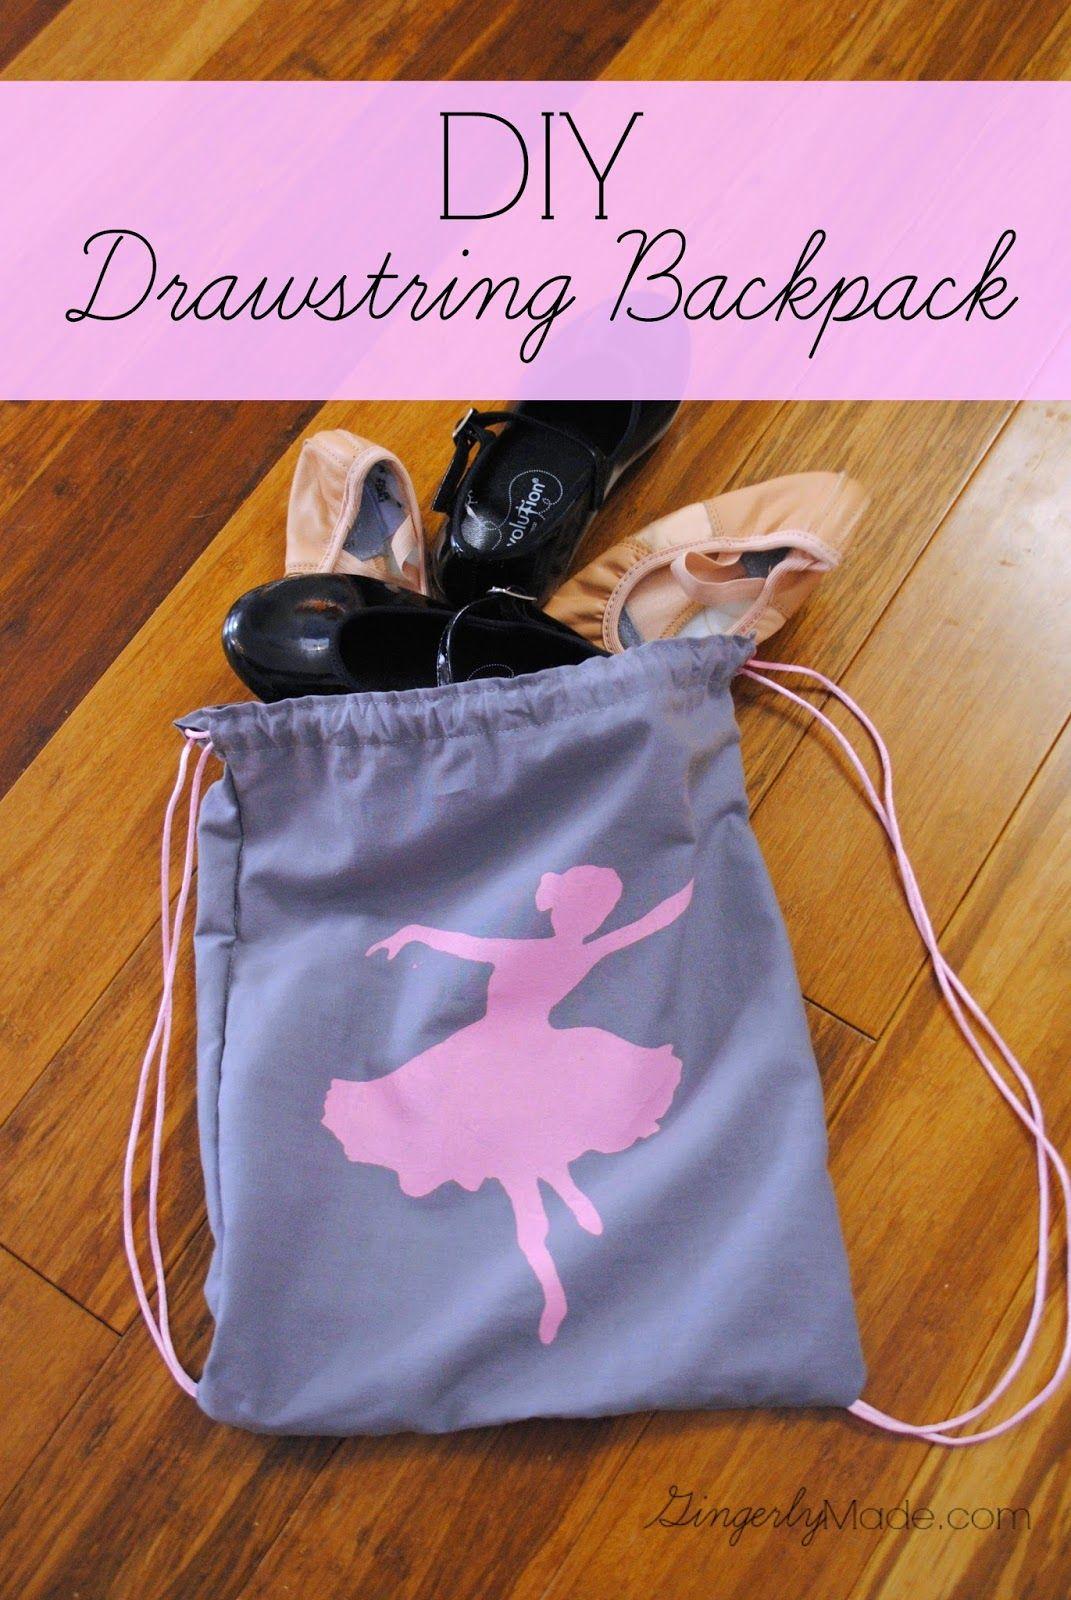 DIY Drawstring Backpack | Sewing and Creating | Pinterest | Shirts ...